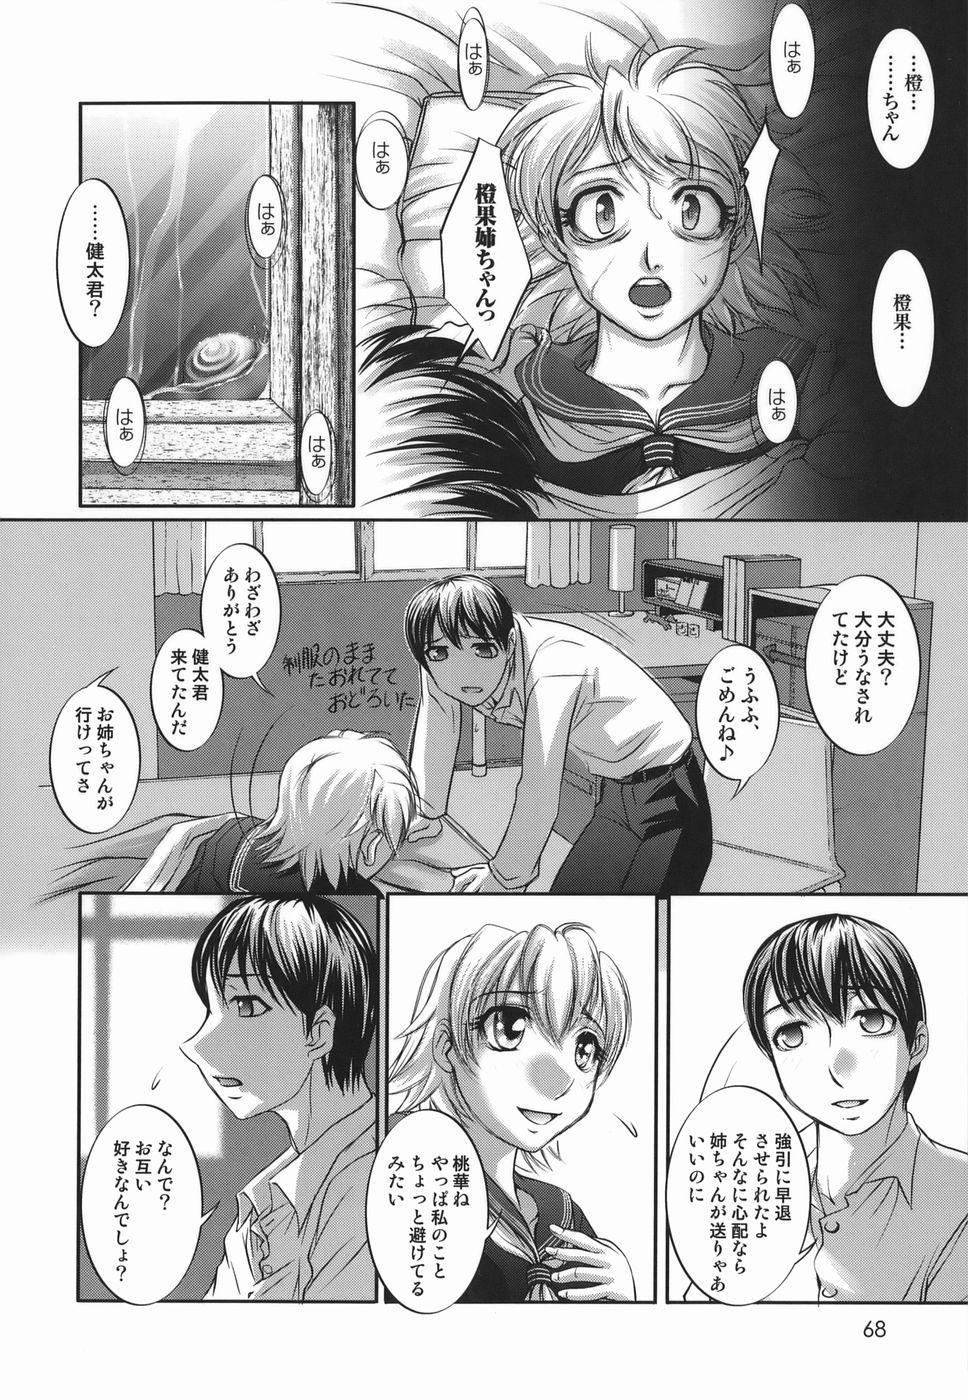 Touka to Momoka 67